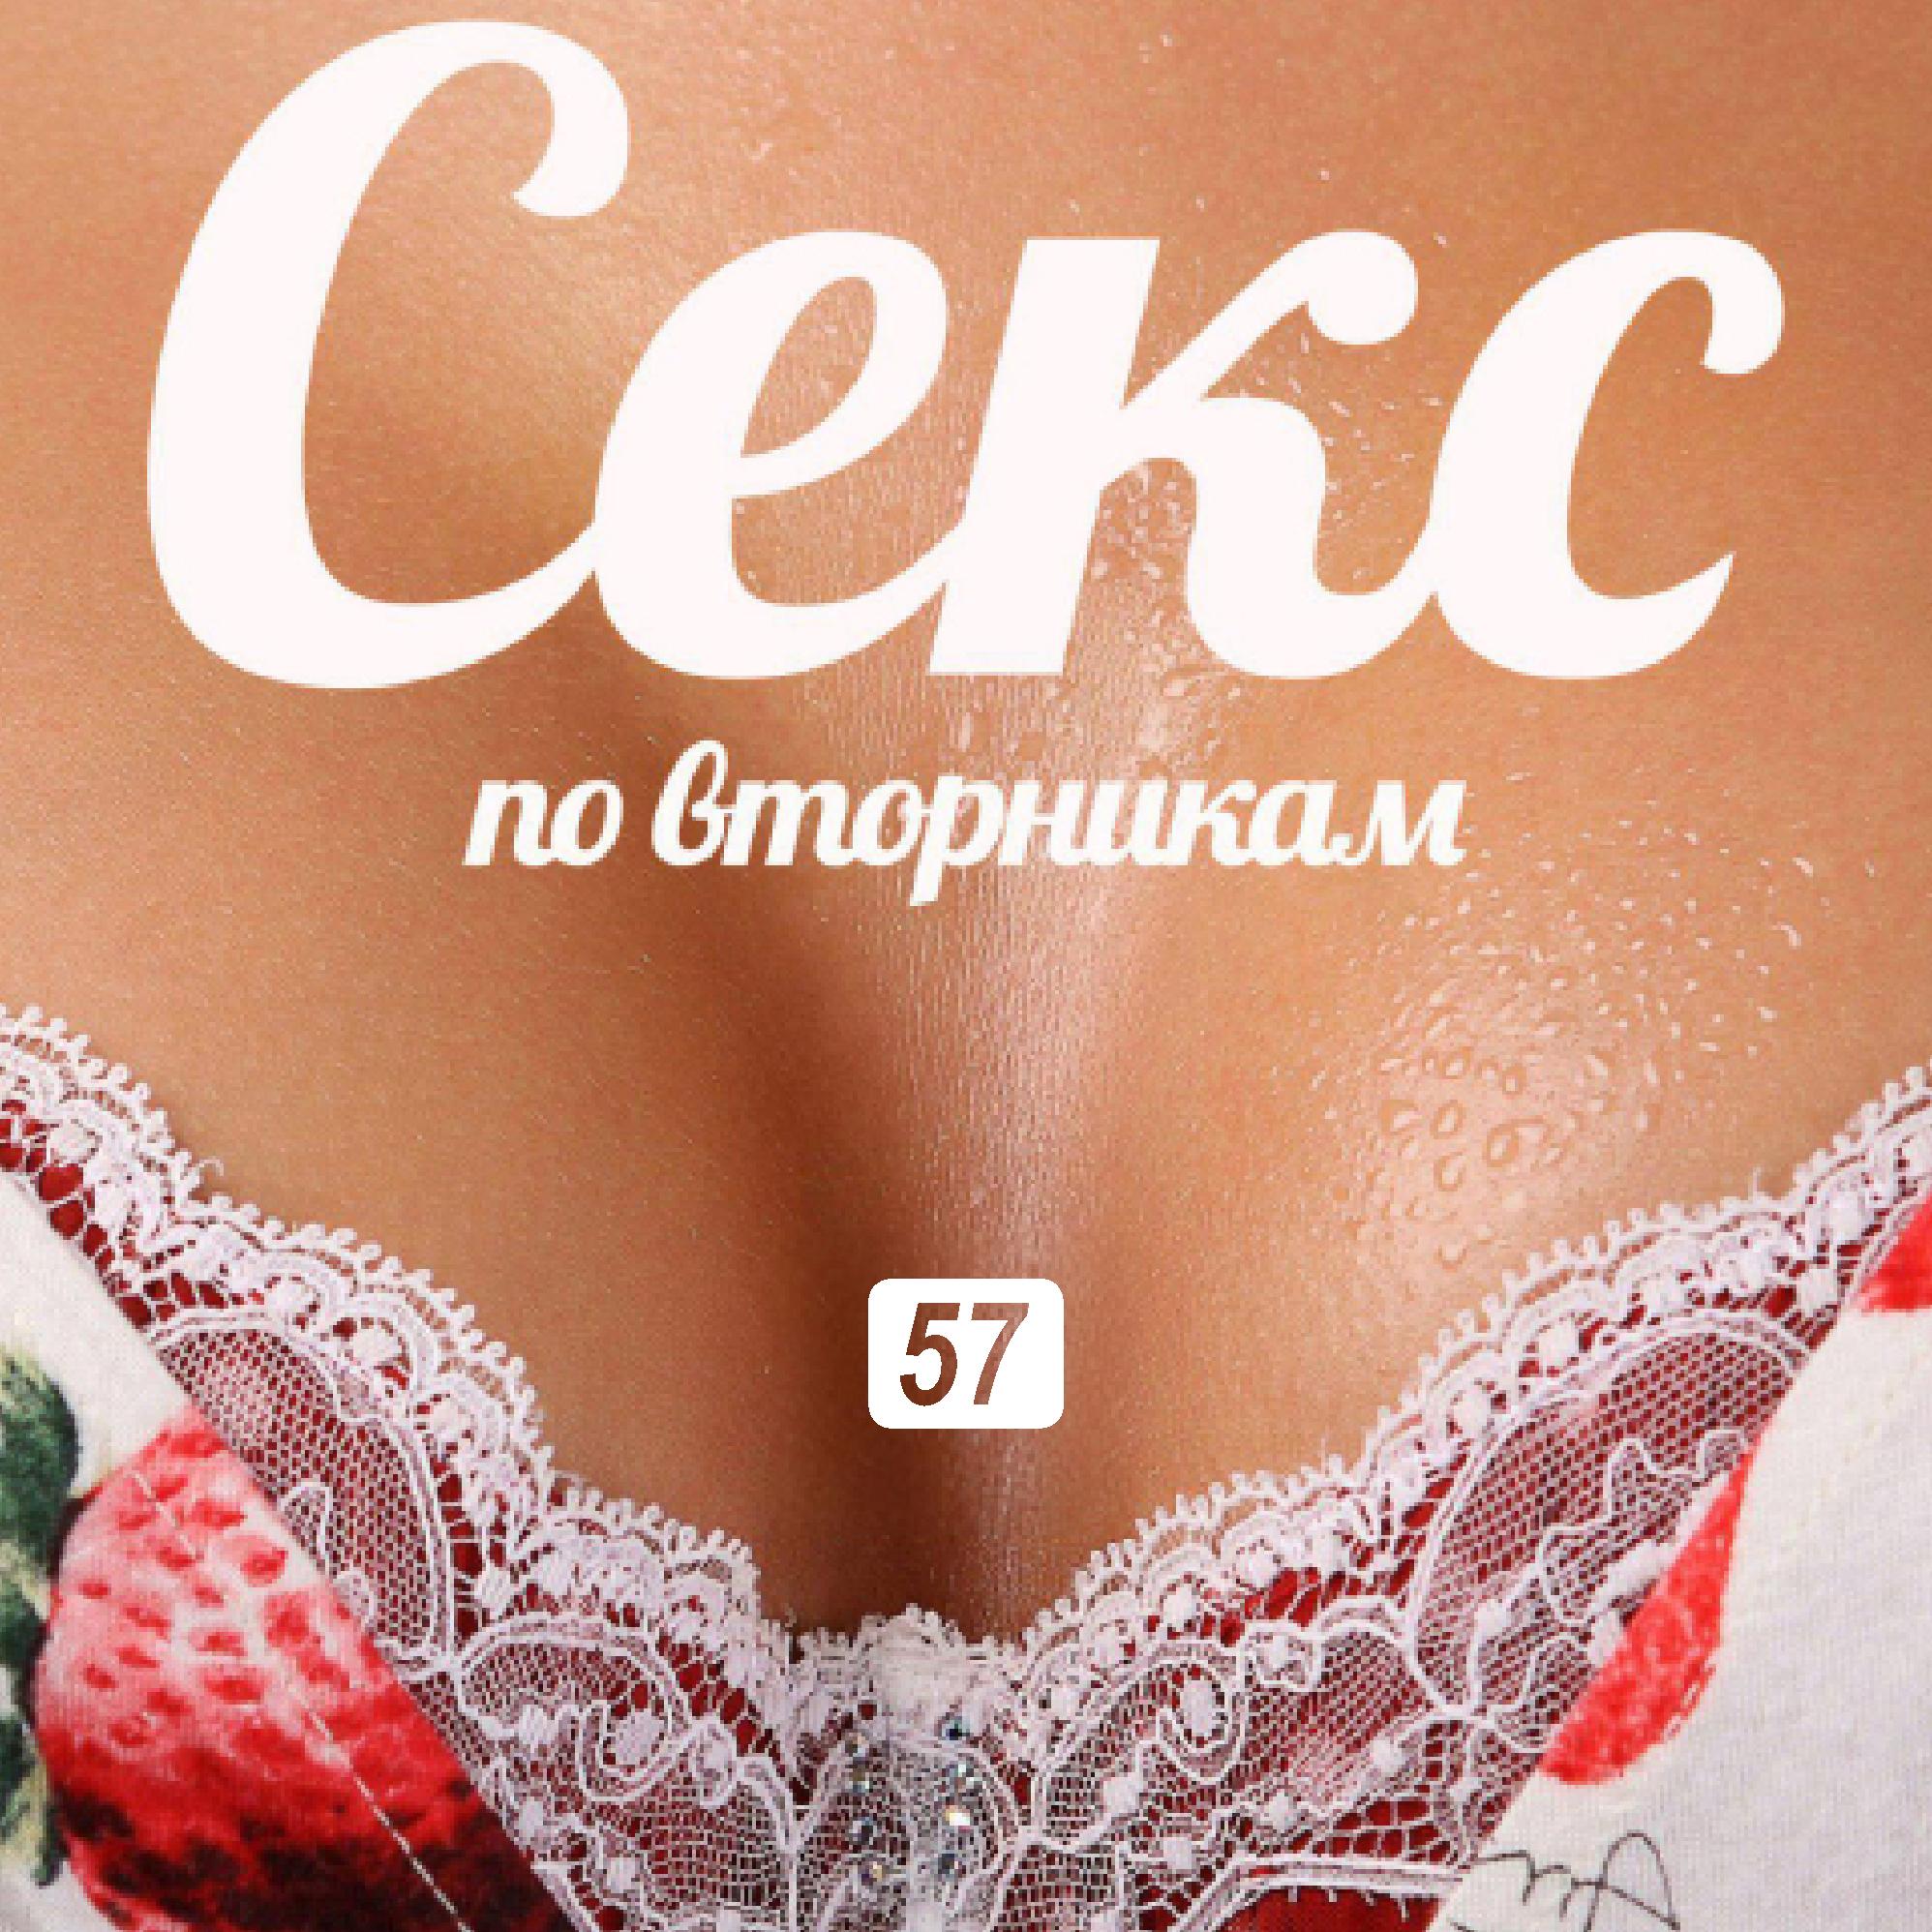 Ольга Маркина Как совмещаются секс июмор выясняют ведущие программы «Секс повторникам» секс по веб камере смотреть